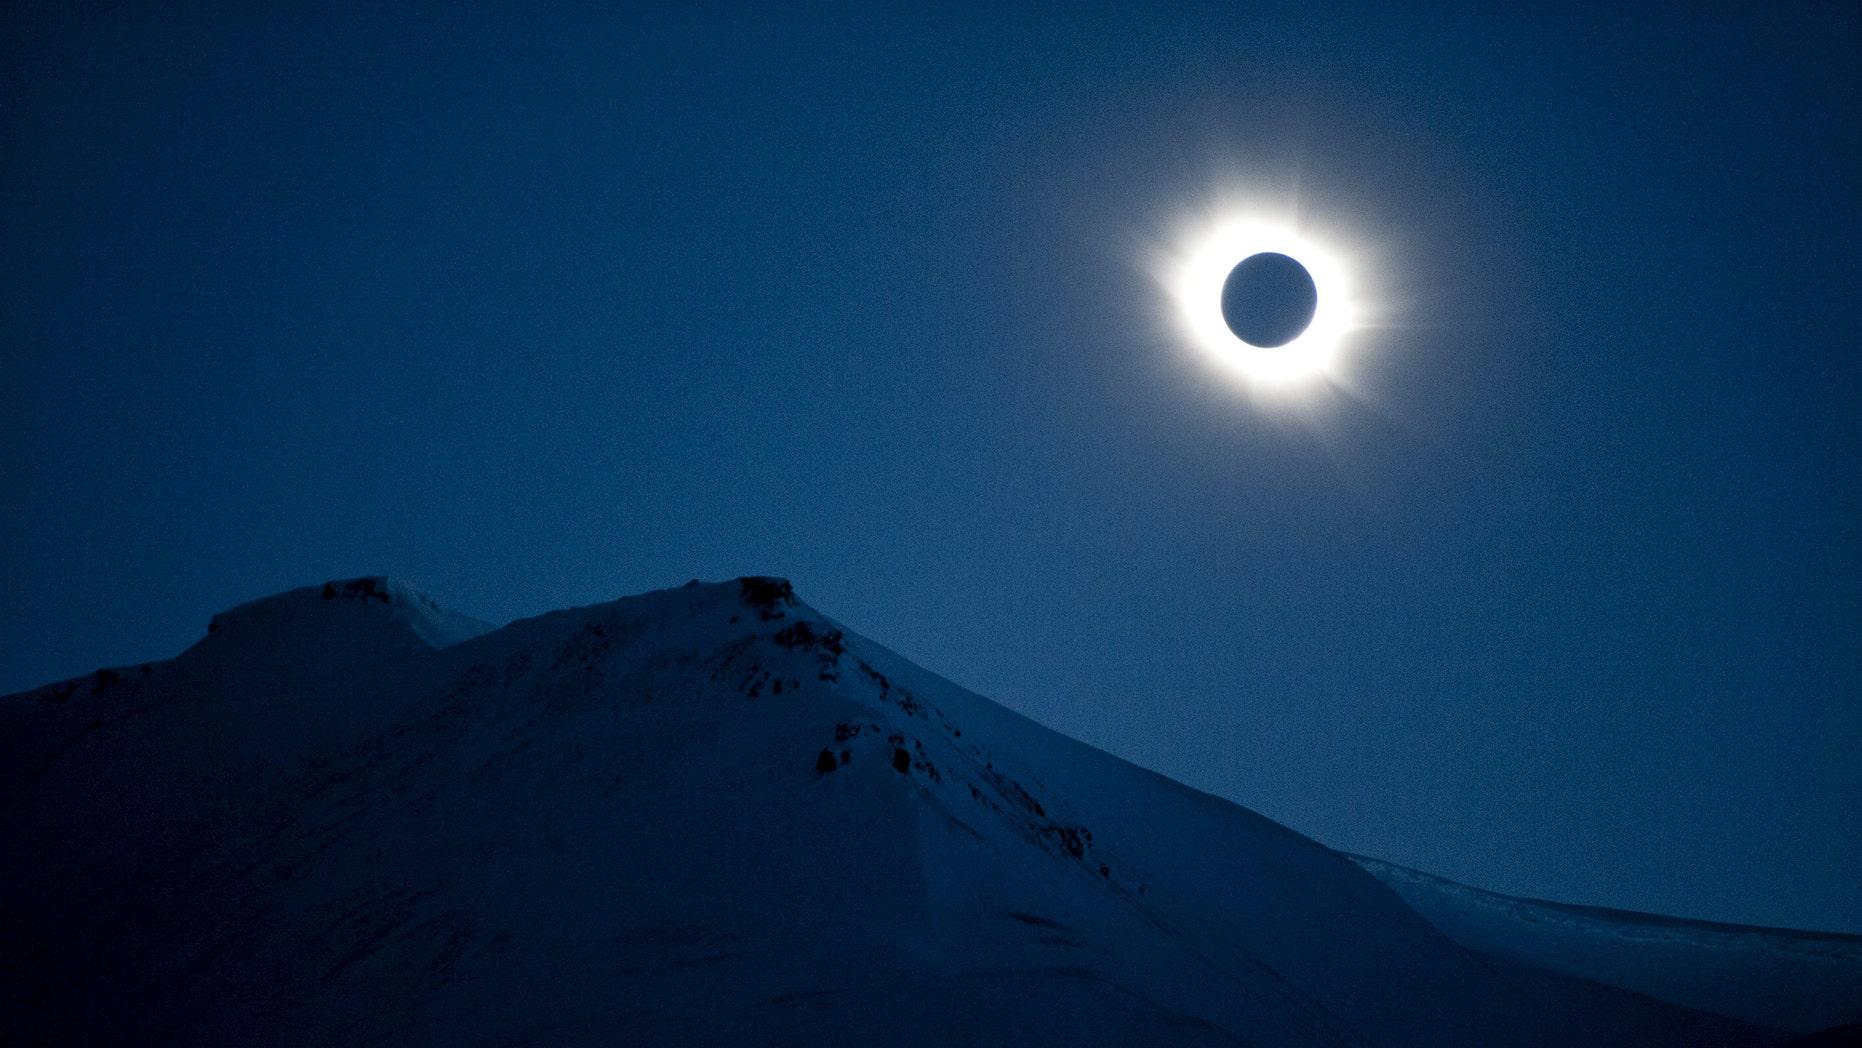 A total solar eclipse is seen in Longyearbyen on Svalbard March 20, 2015. (REUTERS/Jon Olav Nesvold/NTB scanpix)